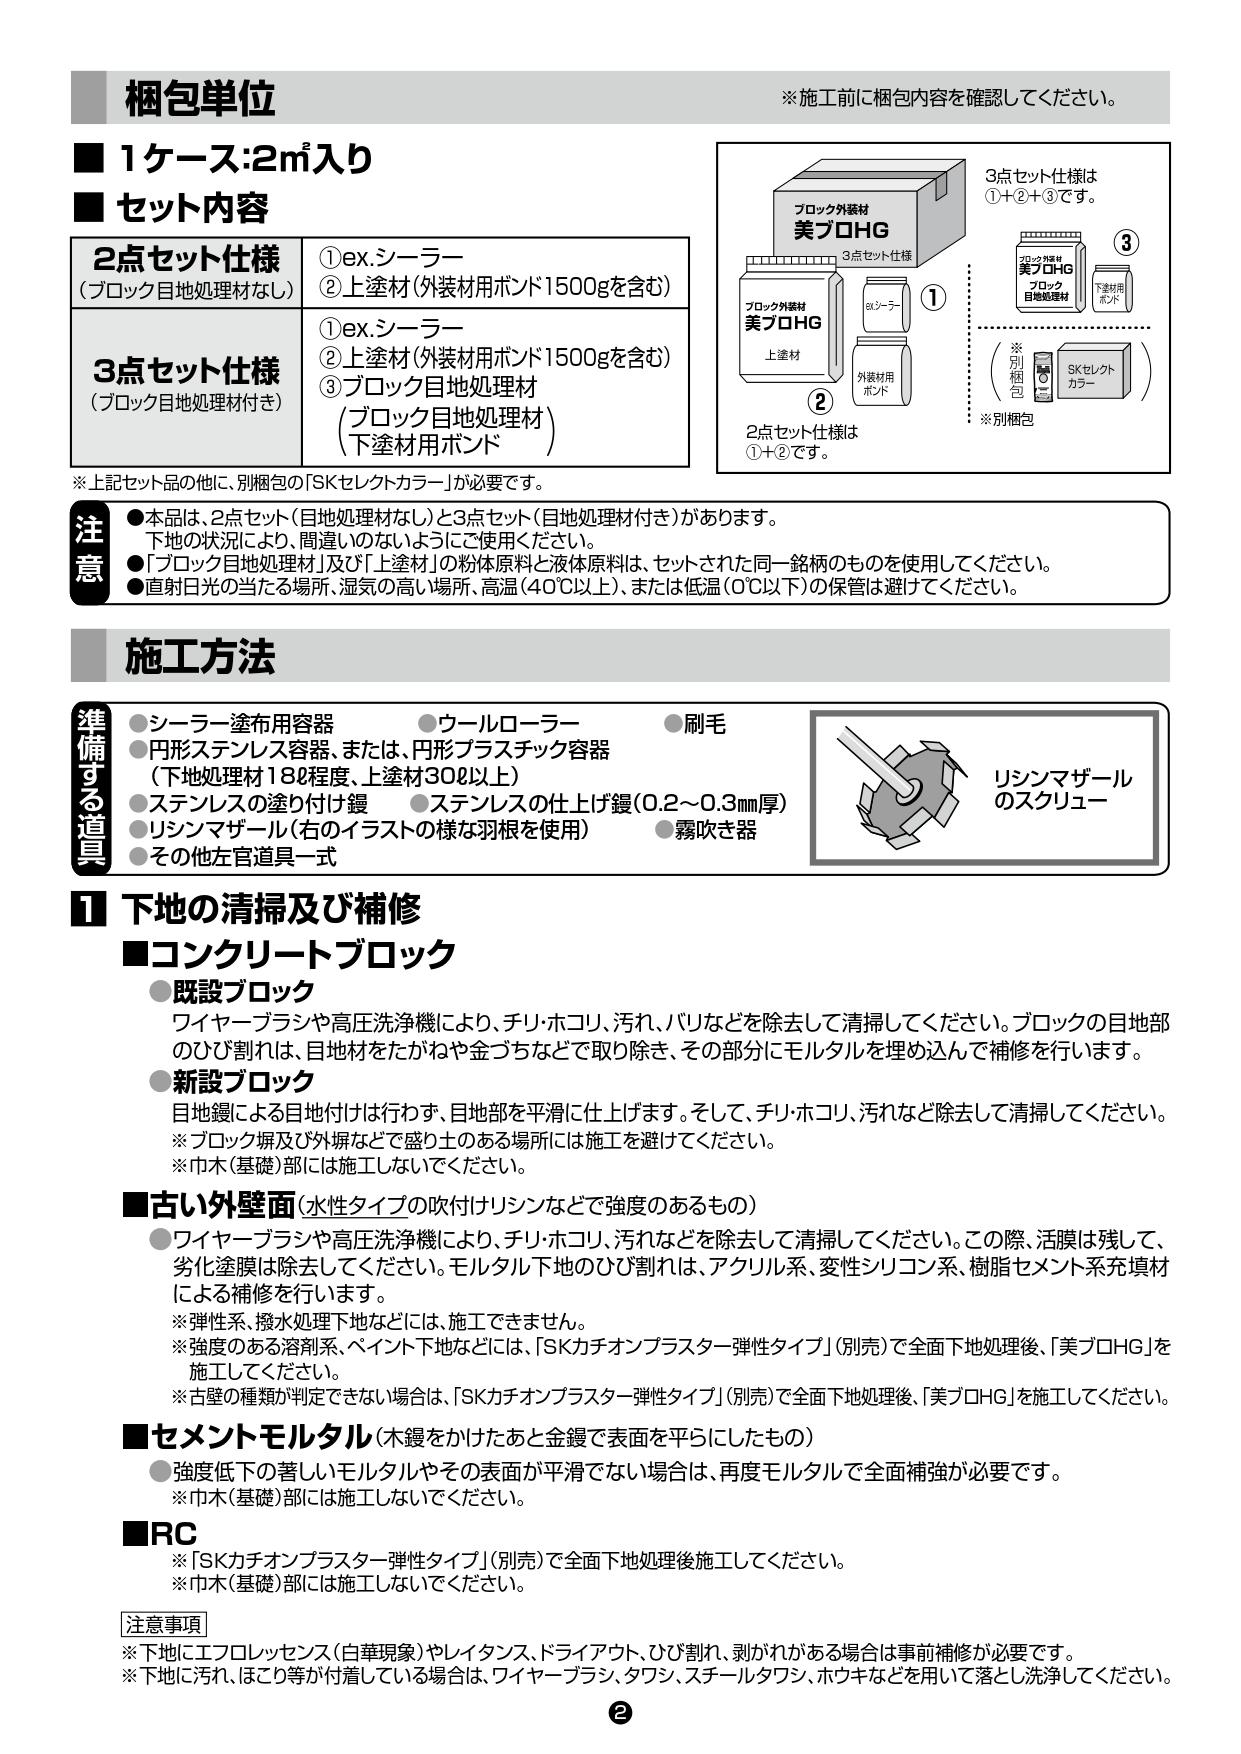 美ブロHG 施工要領書_page-0002